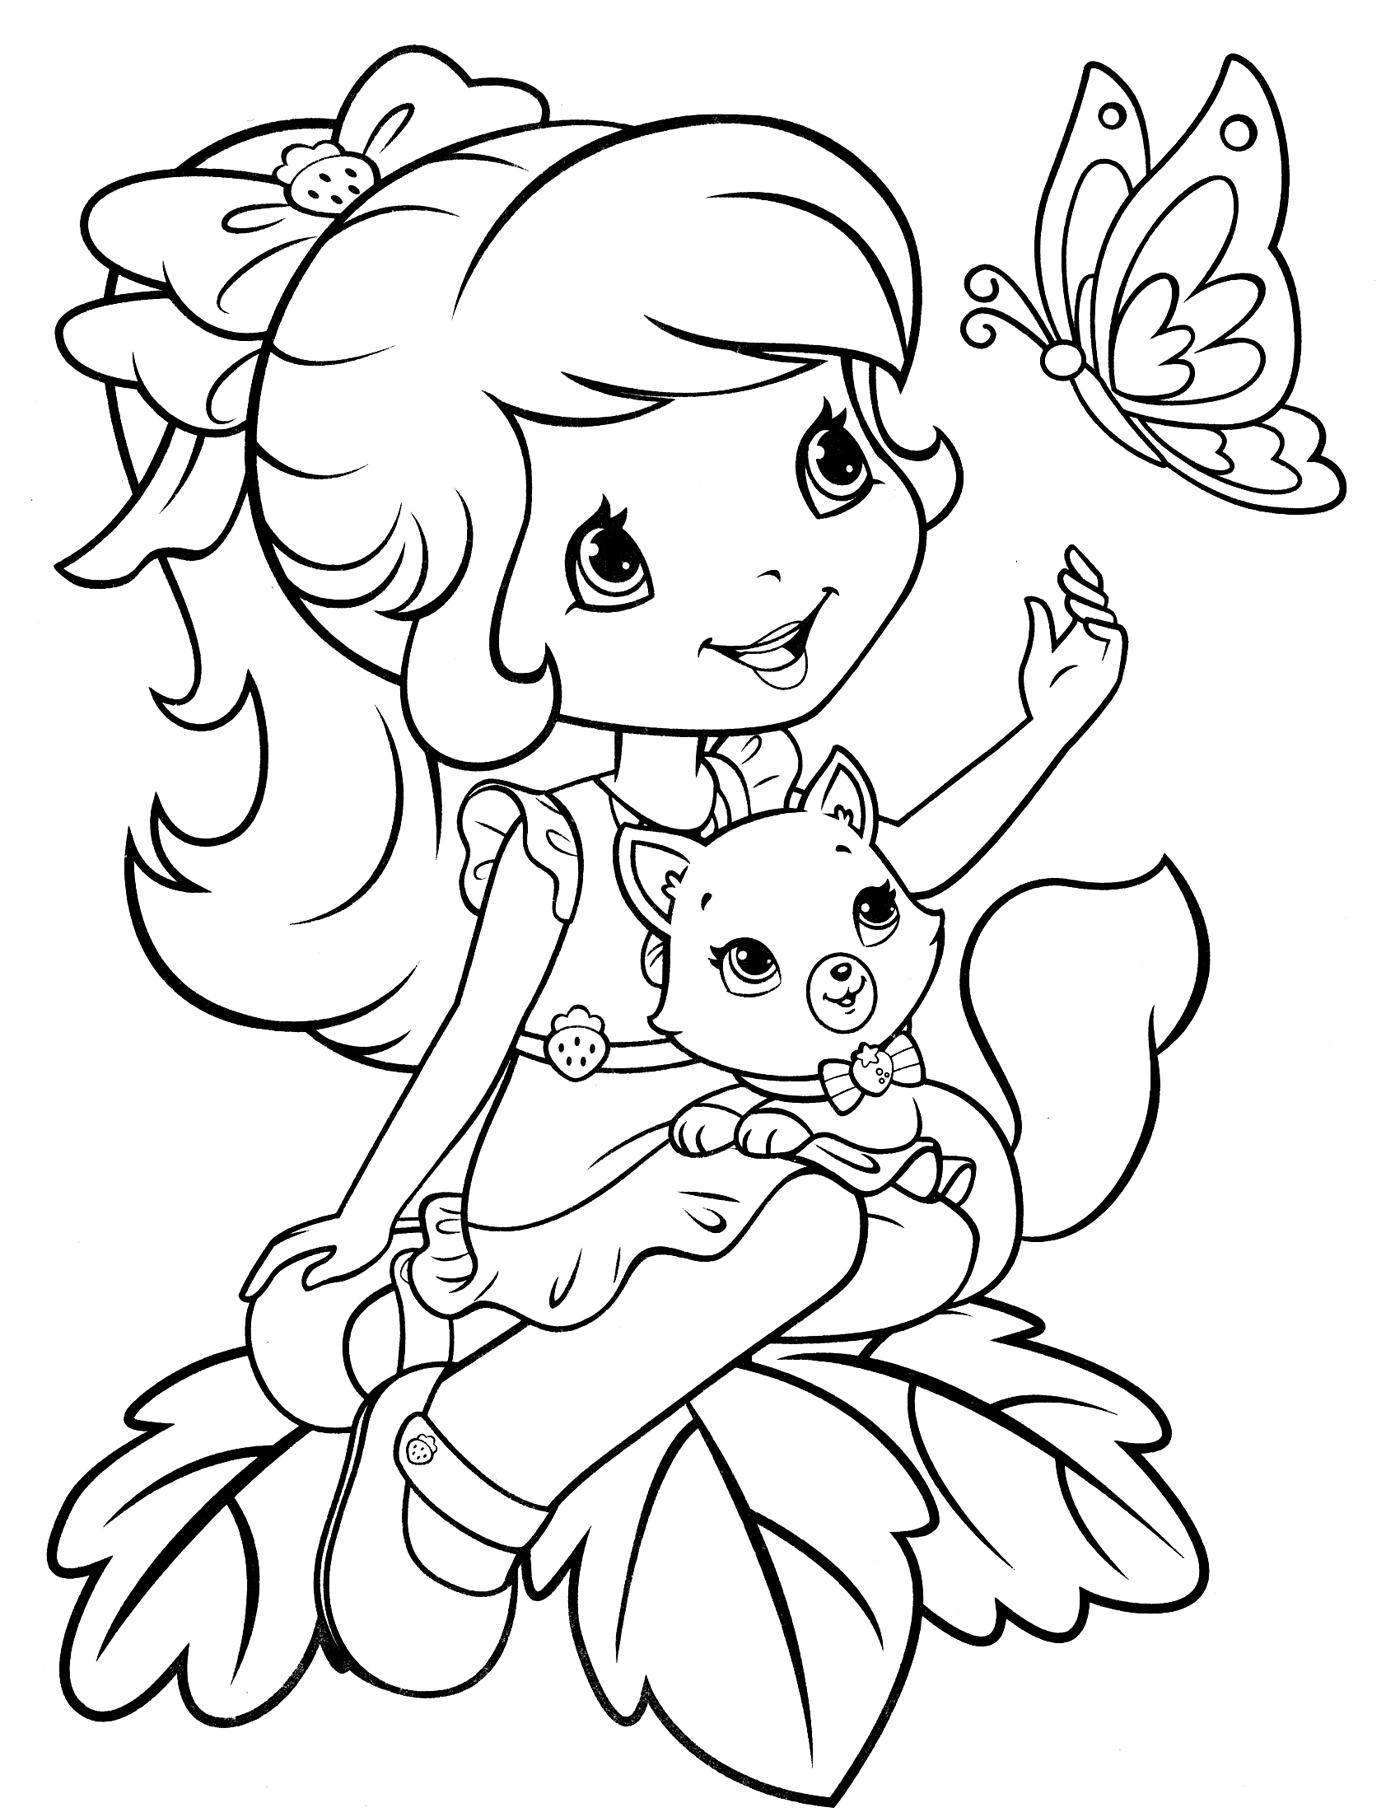 Девочка с котенком на коленях и бабочка Раскраски бесплатно онлайн с цветами